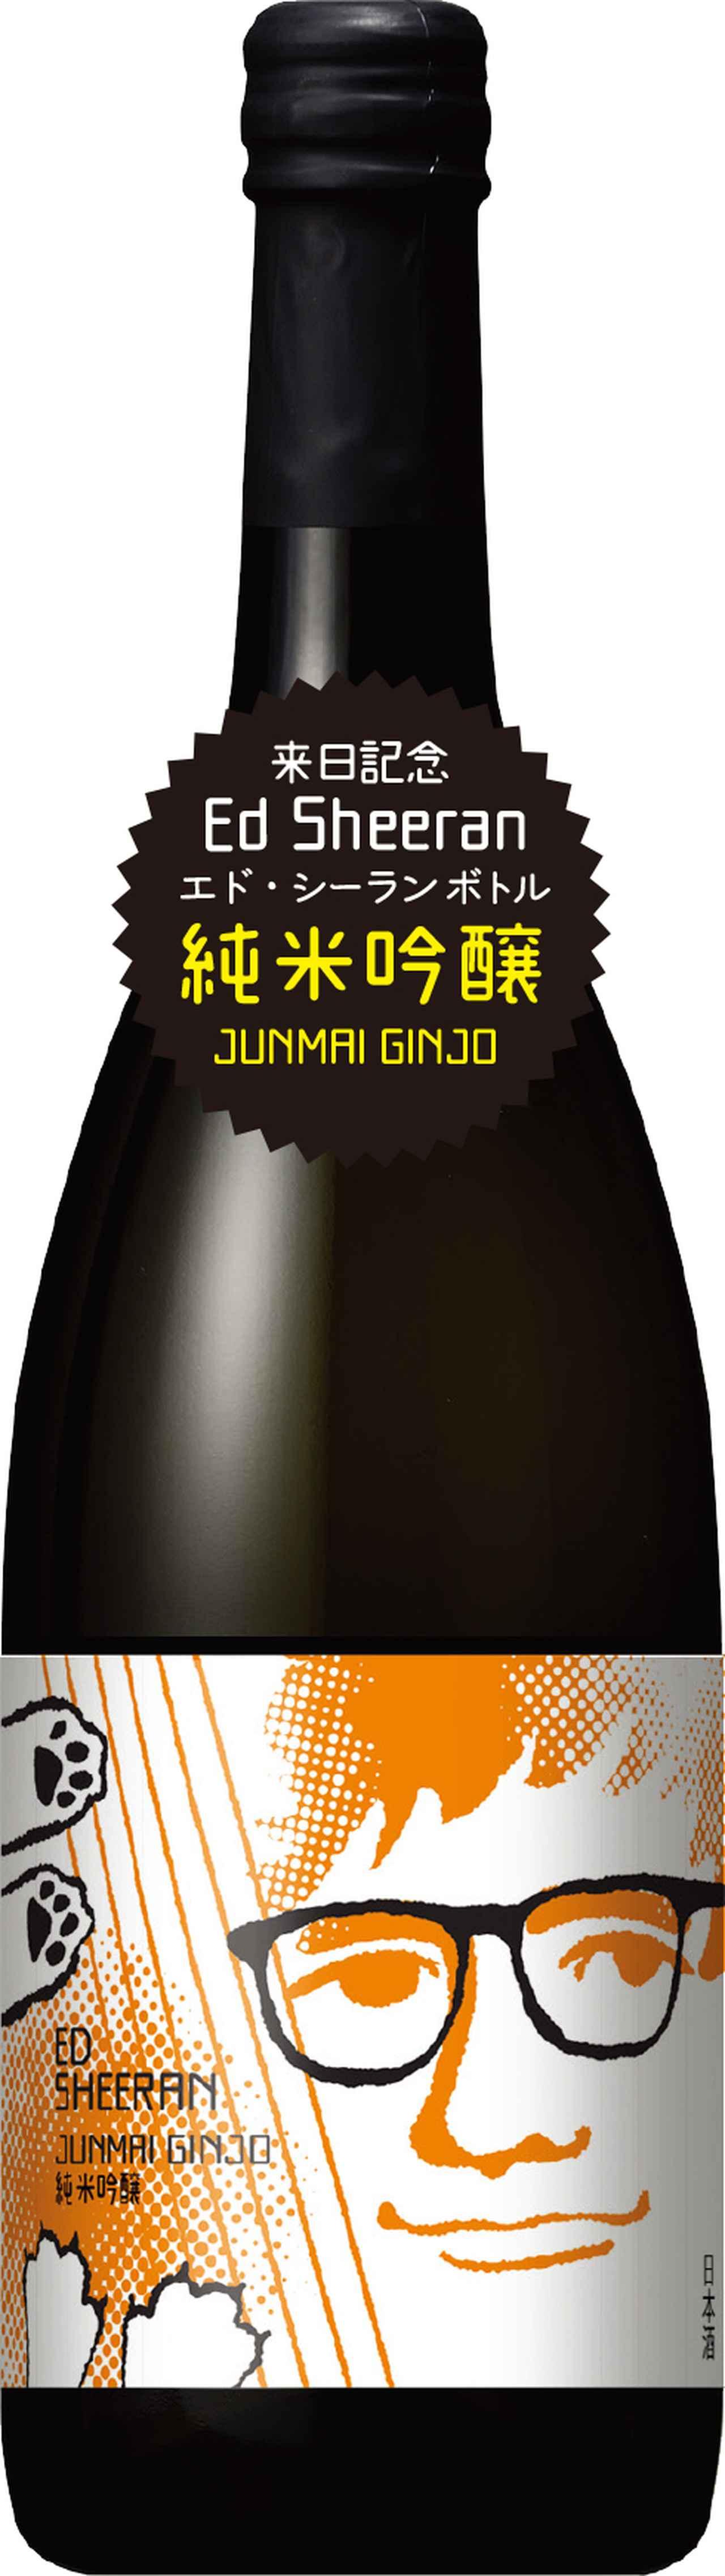 画像2: 実は日本酒ファン!ラベルに似顔絵をあしらった2種類の「エド・シーランボトル」が限定発売!!